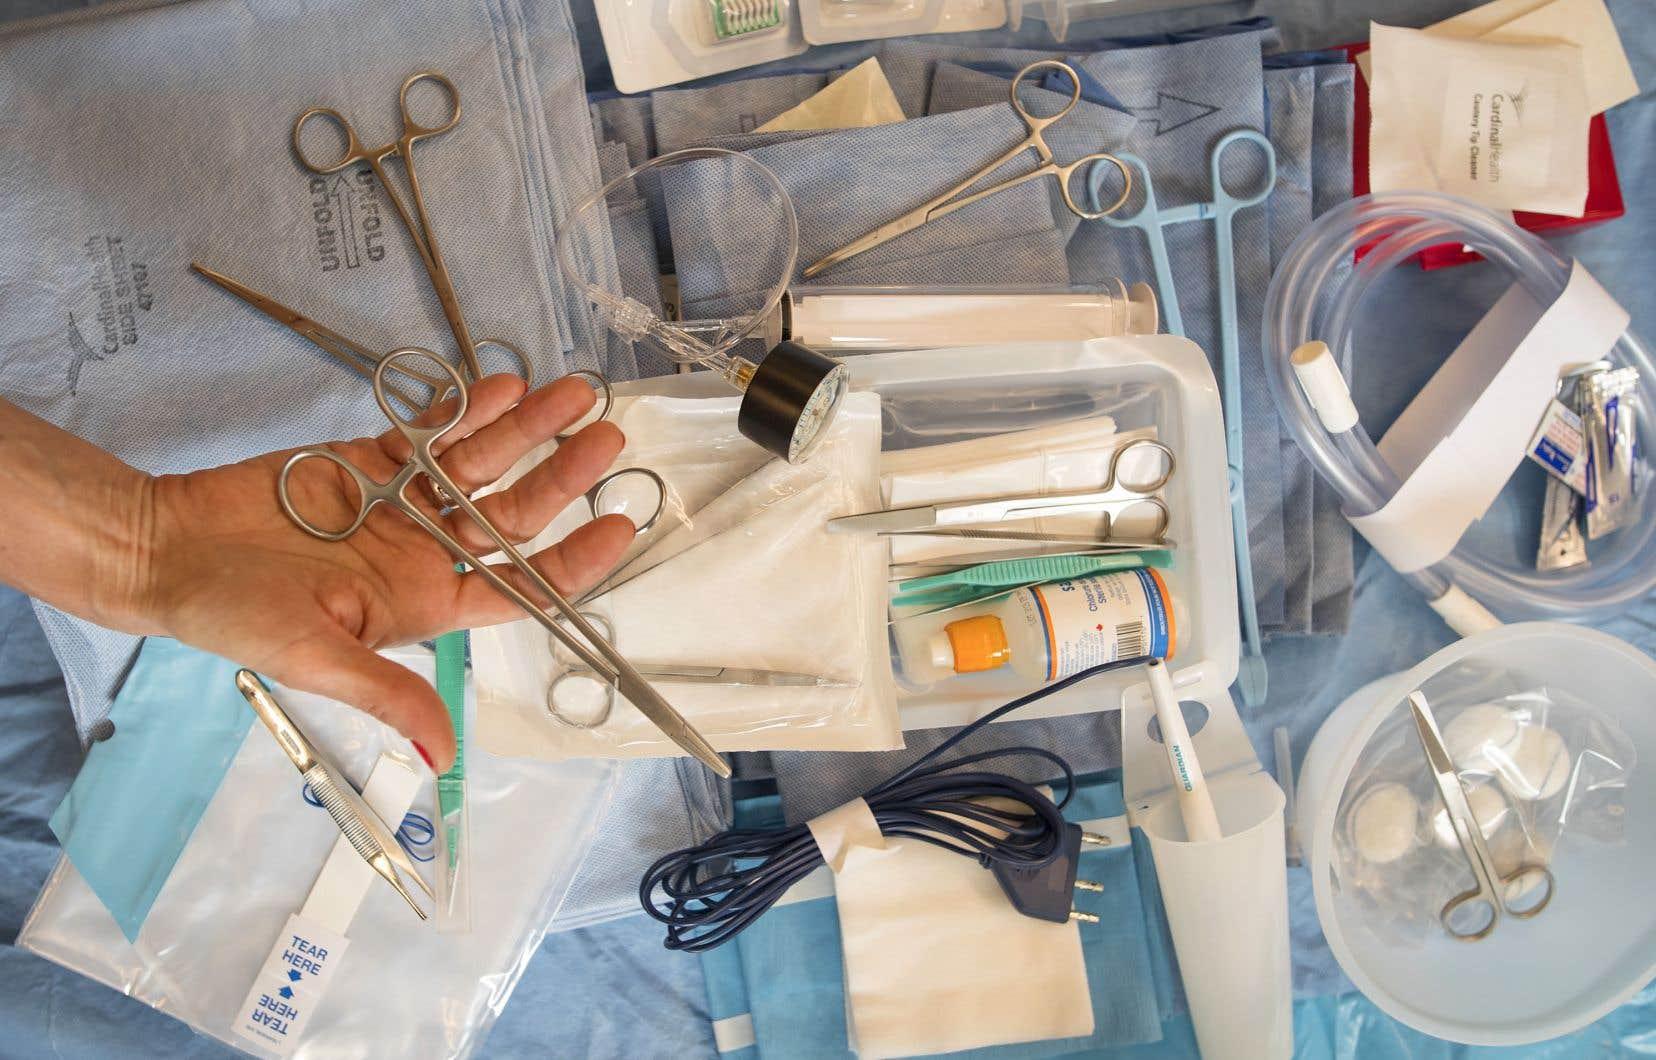 L'éventail des produits à usage unique utilisés dans les hôpitaux est très large, mais le ministère de la Santé ne peut fournir de portrait précis de la situation.